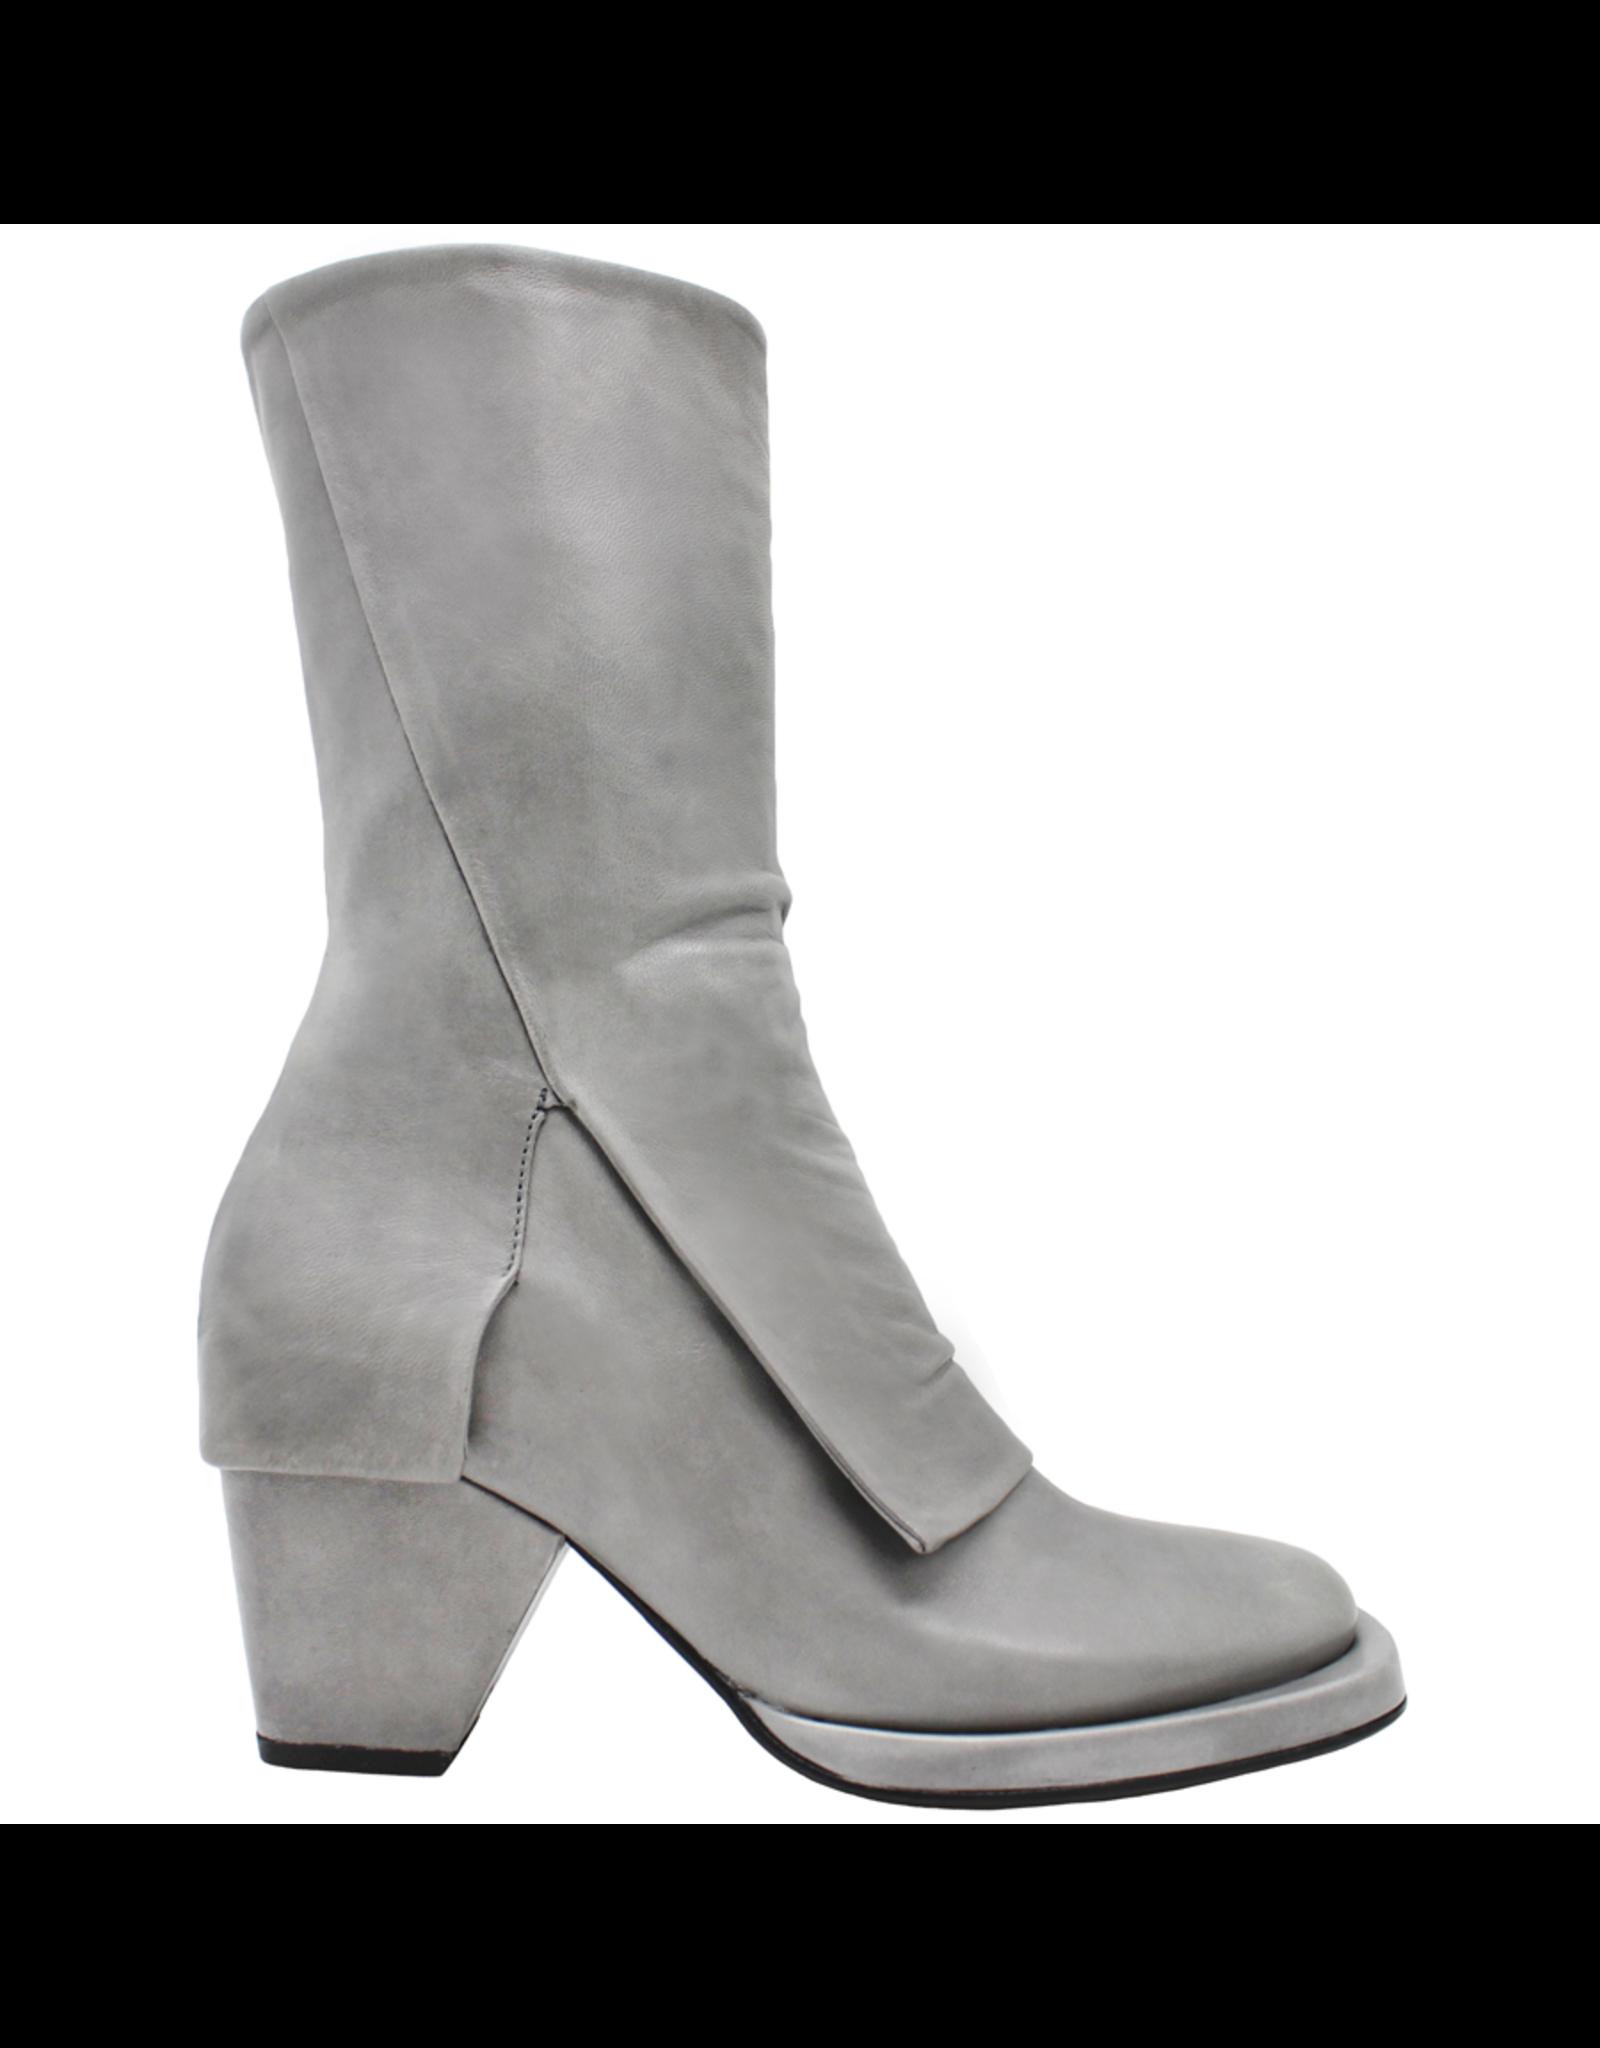 Ixos Ixos Cement Mid-Calf Nappa Cuff Boot 1539